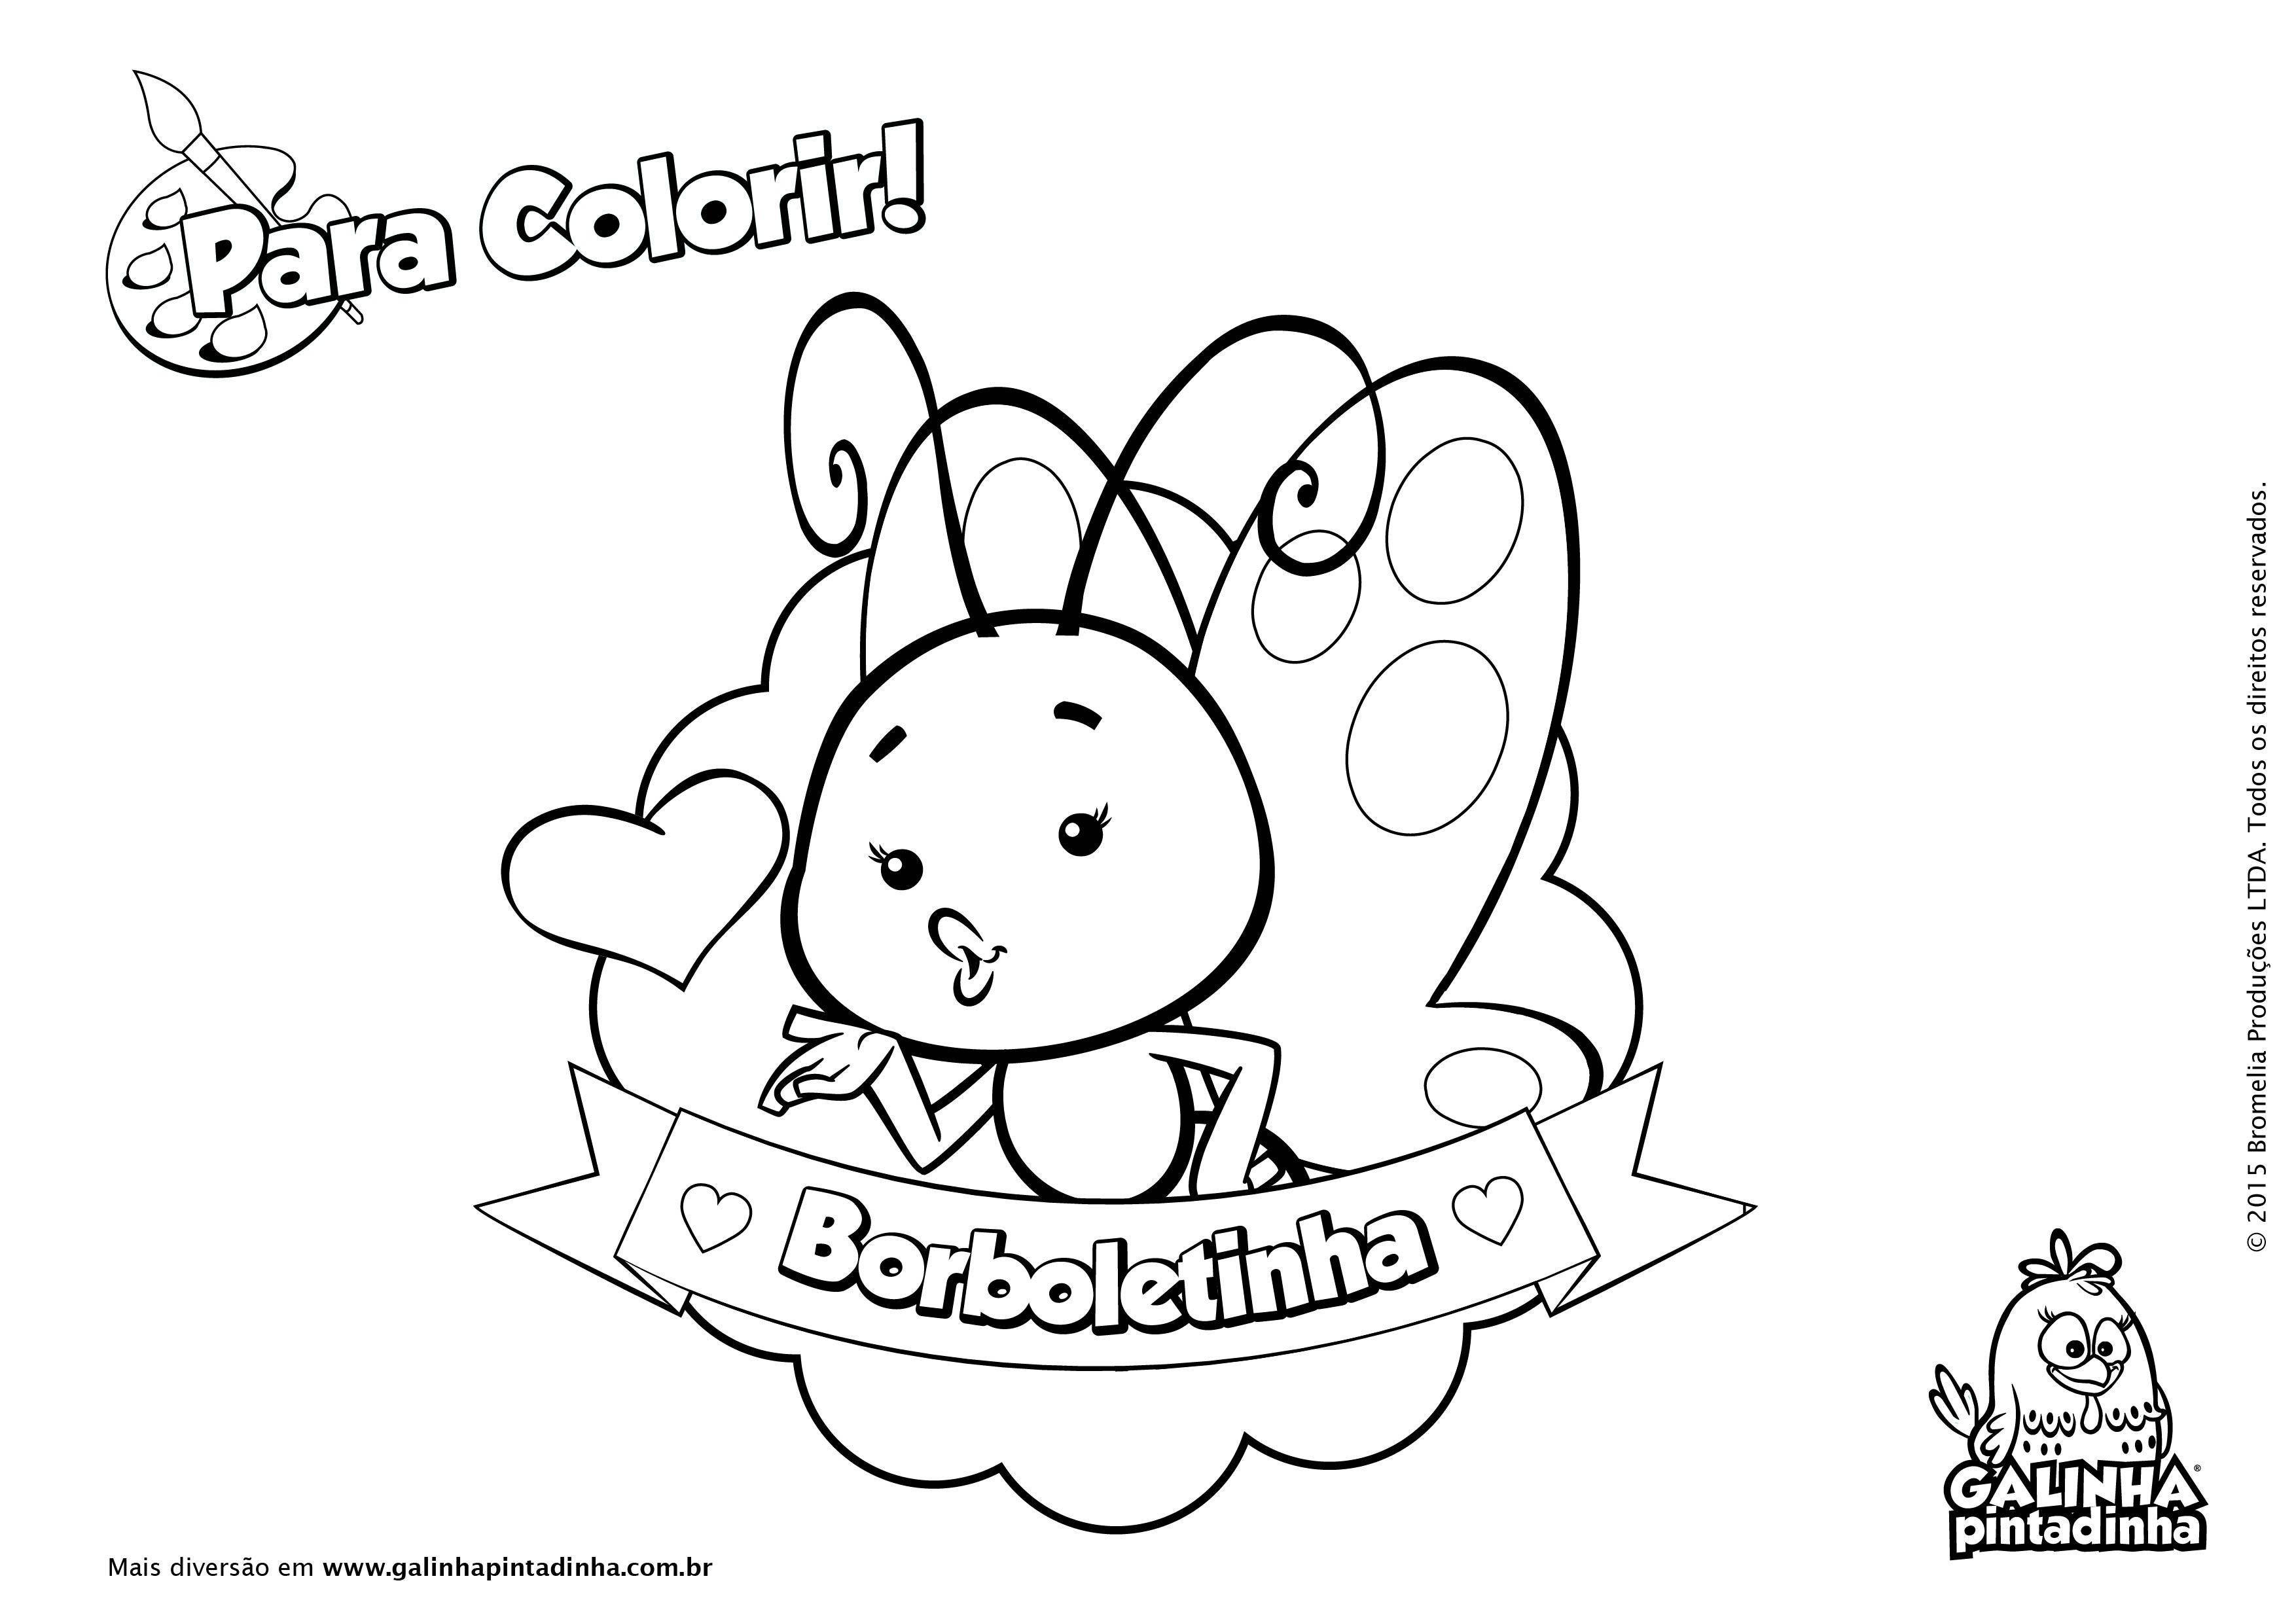 Galinha Pintadinha Para Colorir E Imprimir: Galinha Pintadinha Para Colorir 6